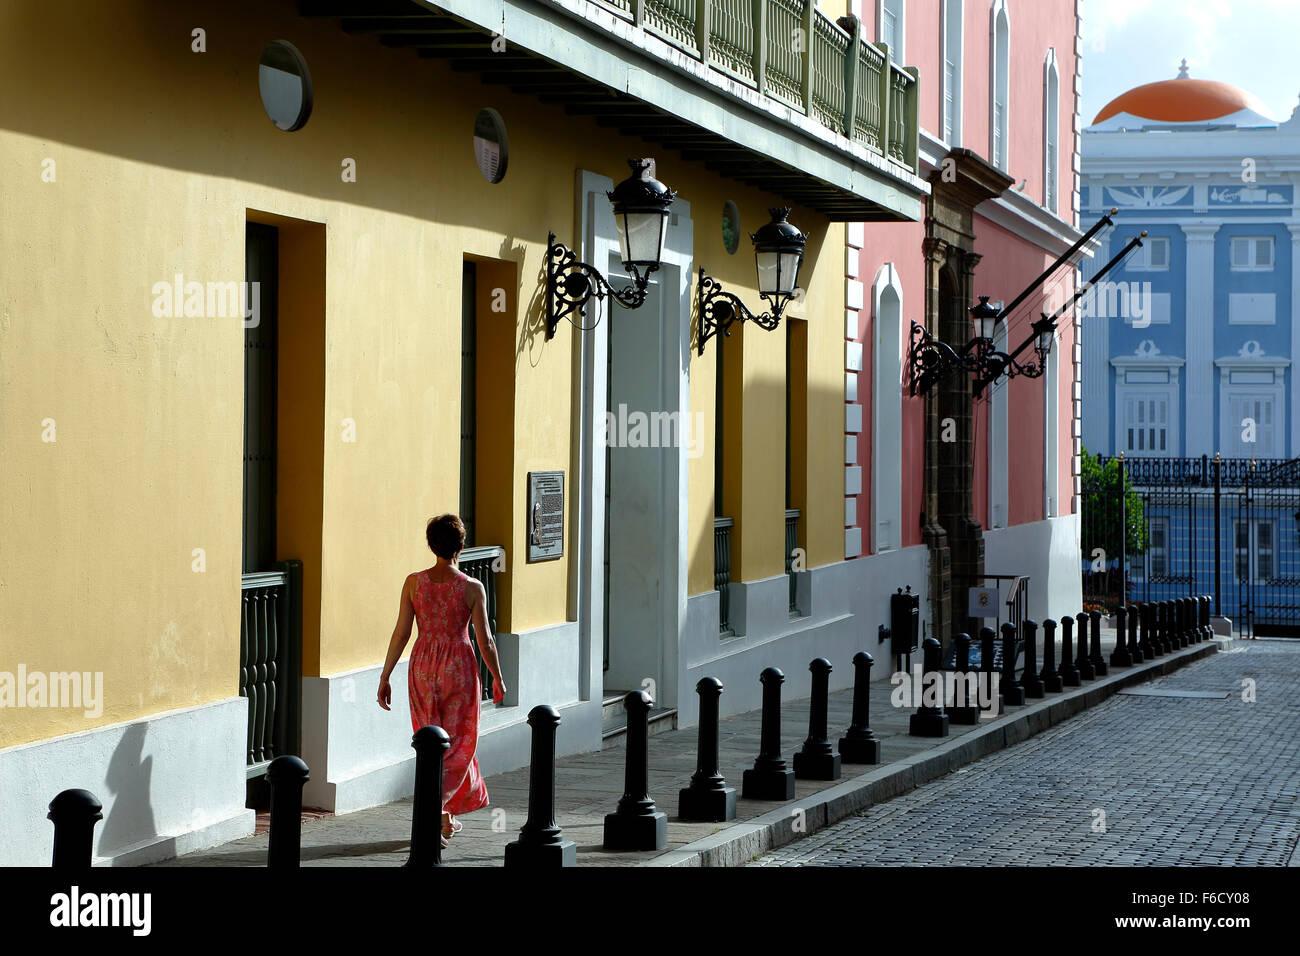 Donna e colorato stile coloniale spagnolo facciate (Ufficio statale di conservazione storica), Fortaleza Street, Immagini Stock